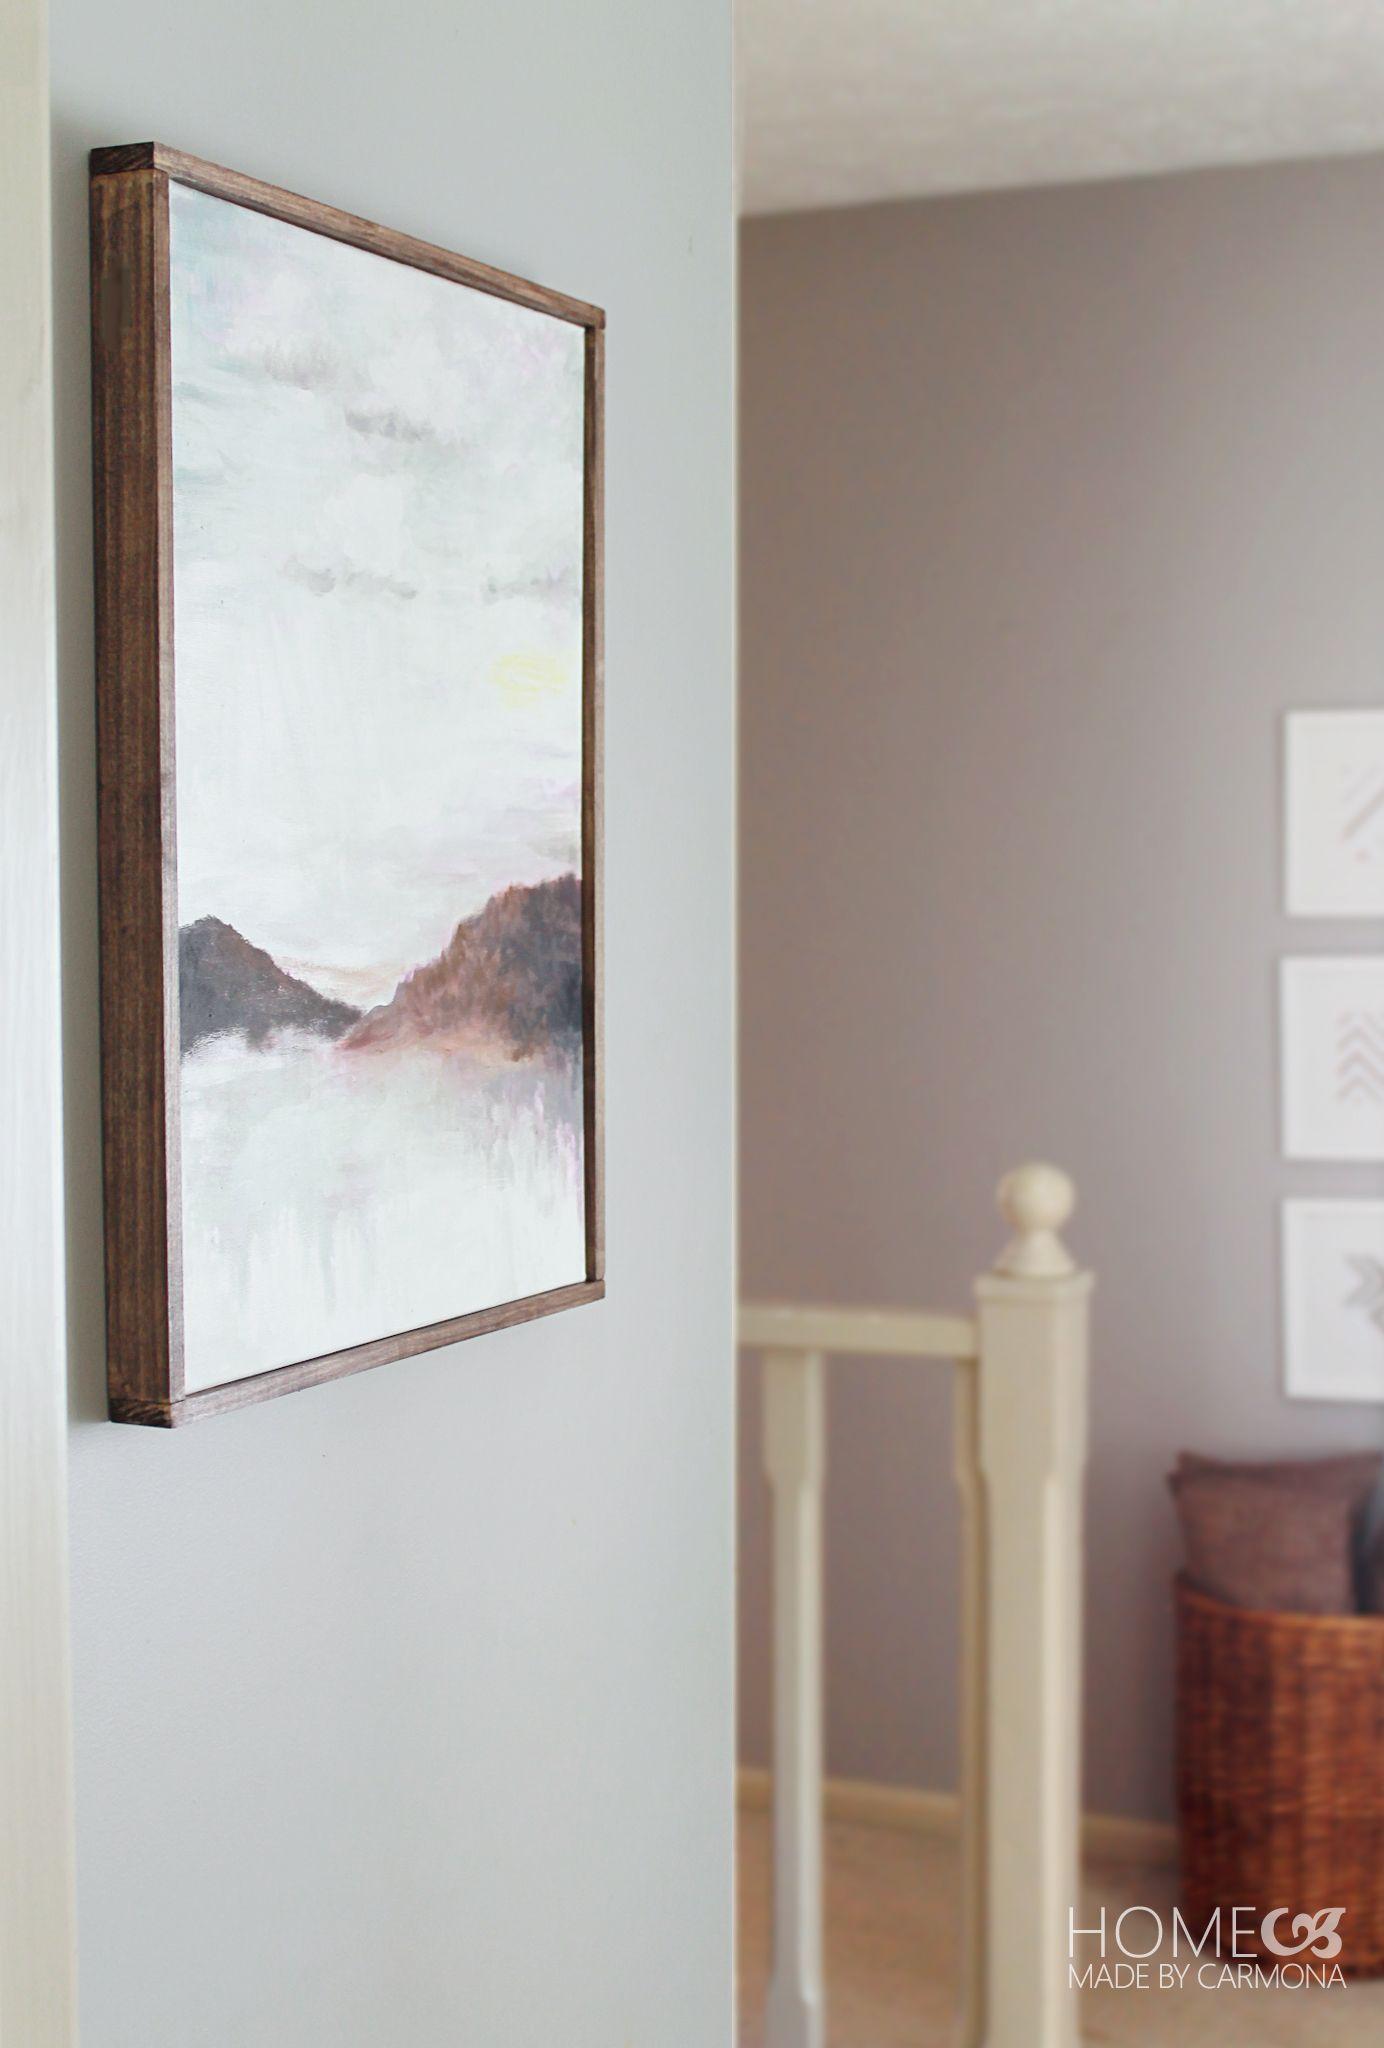 Diy bathroom canvas wall art - Diy Floating Frame Tutorial For 6